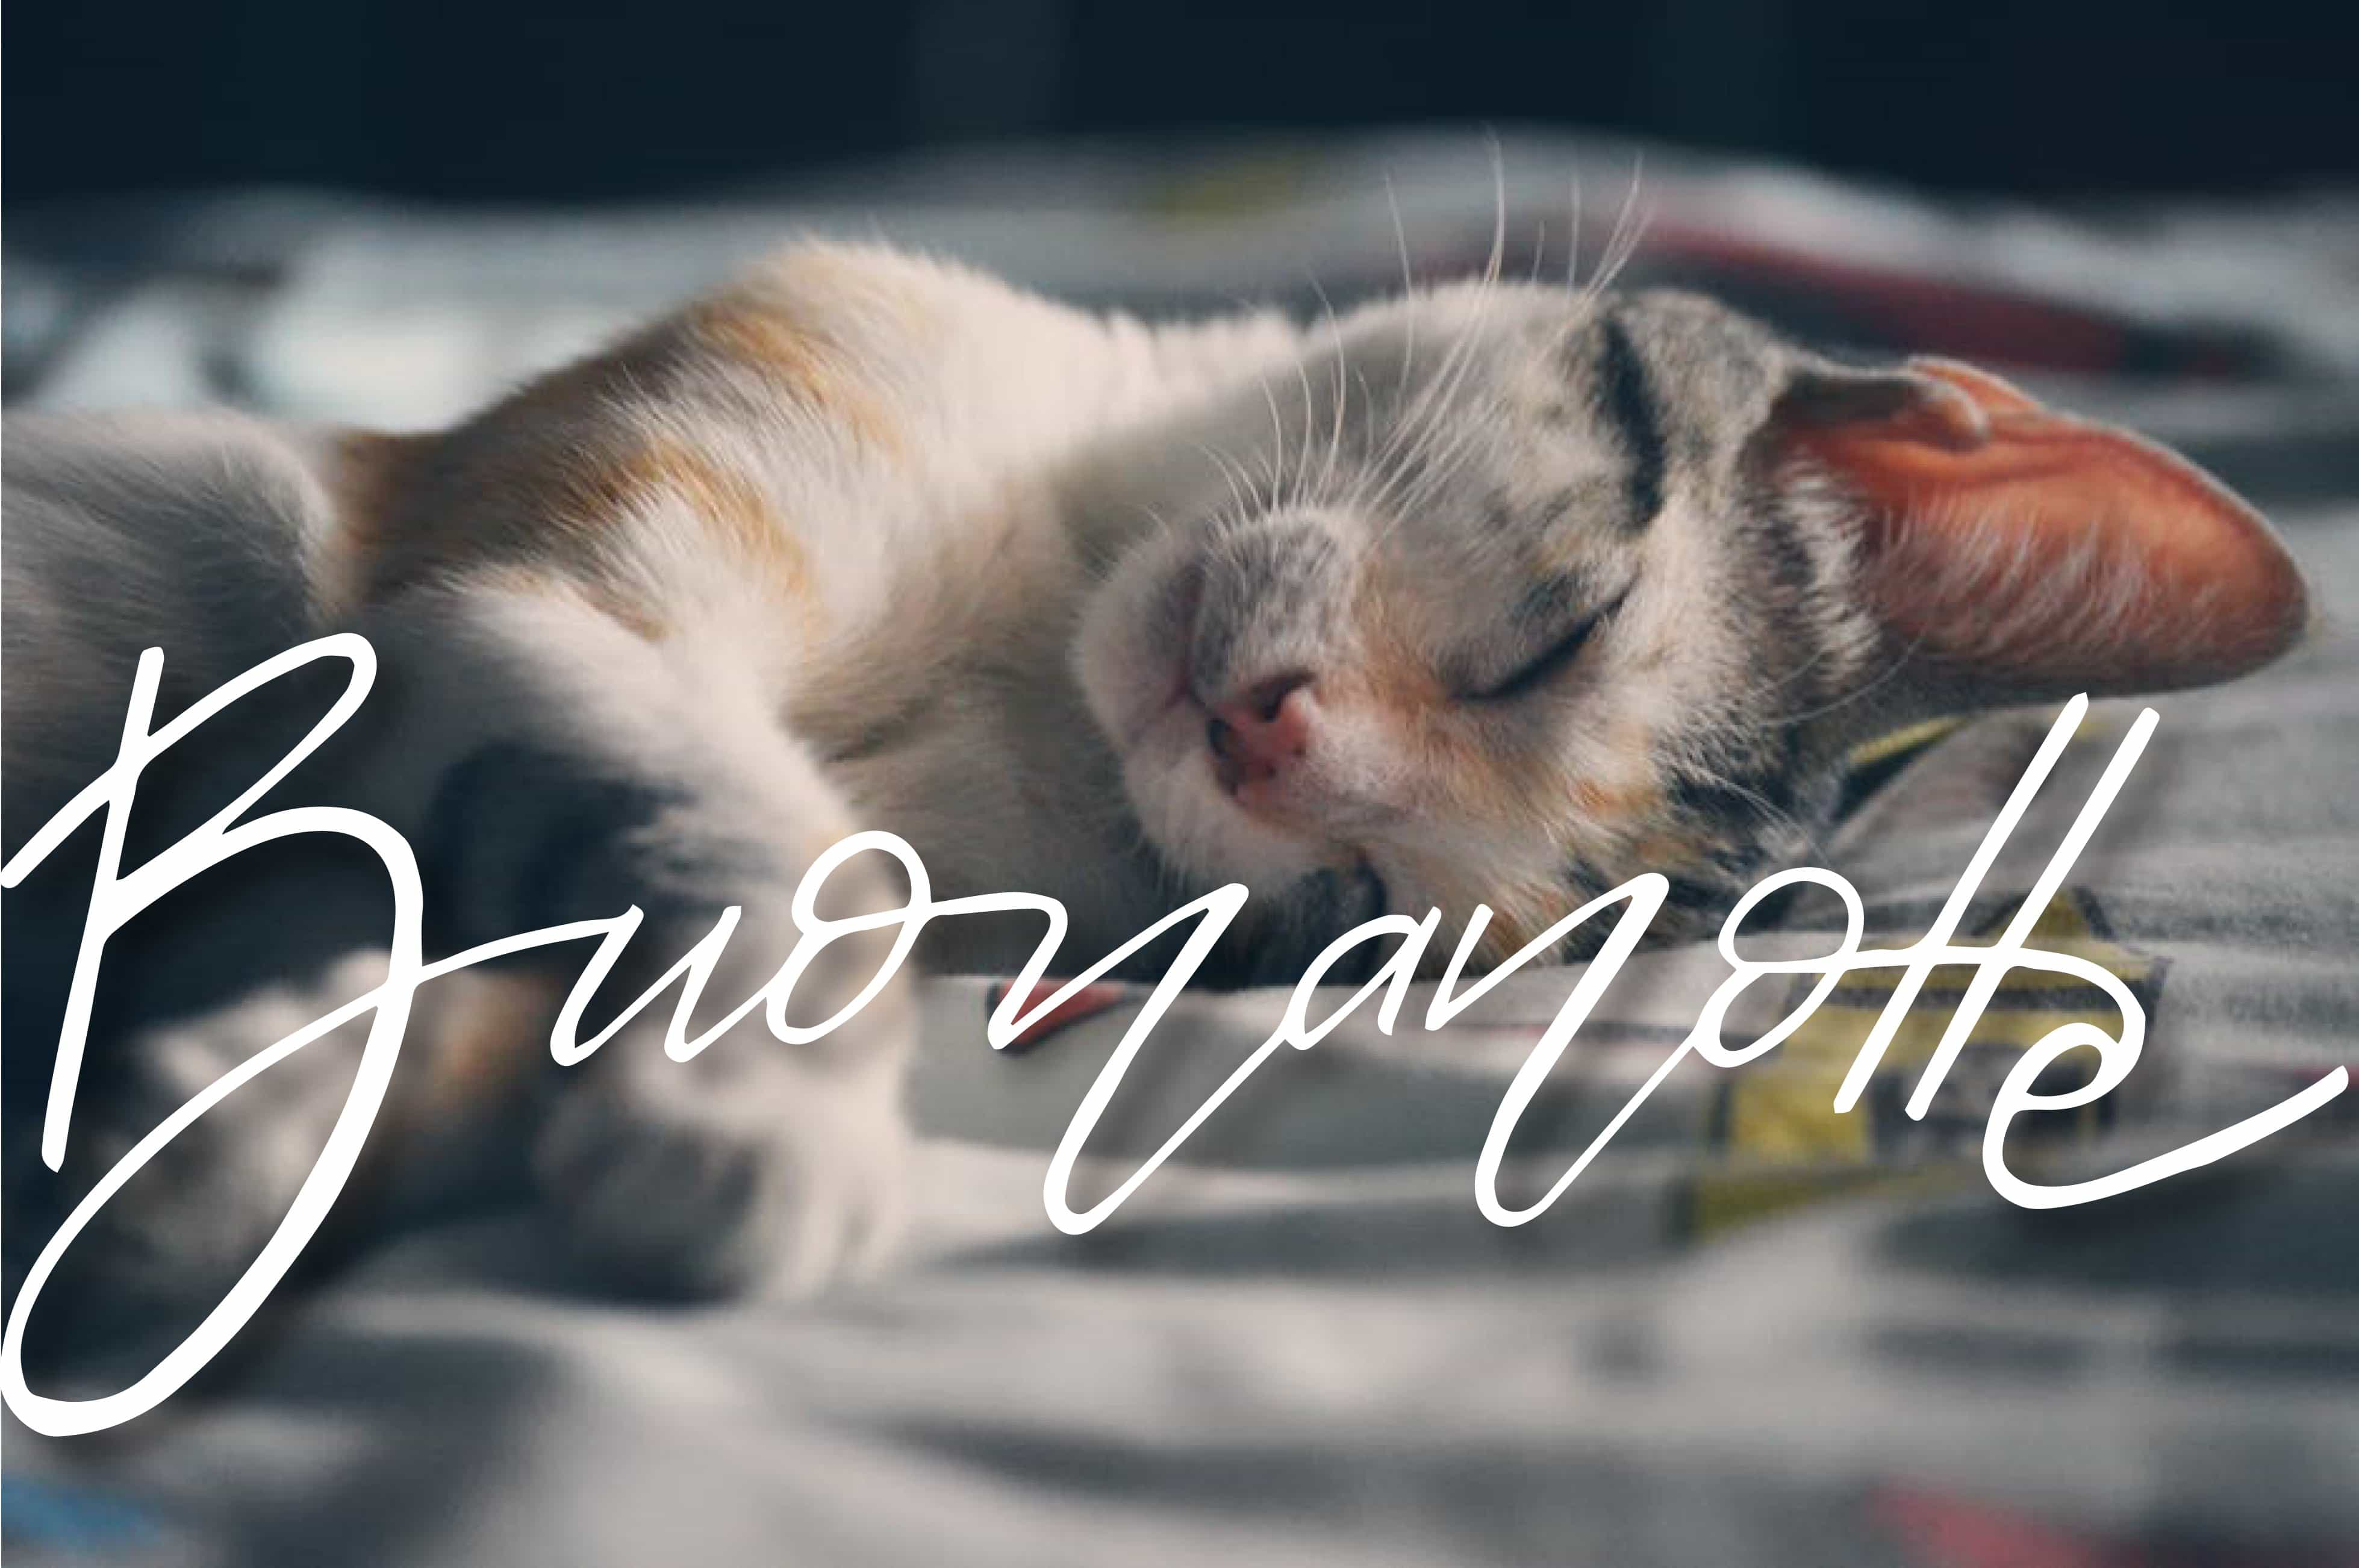 Buonanotte foto fantastiche con gatto